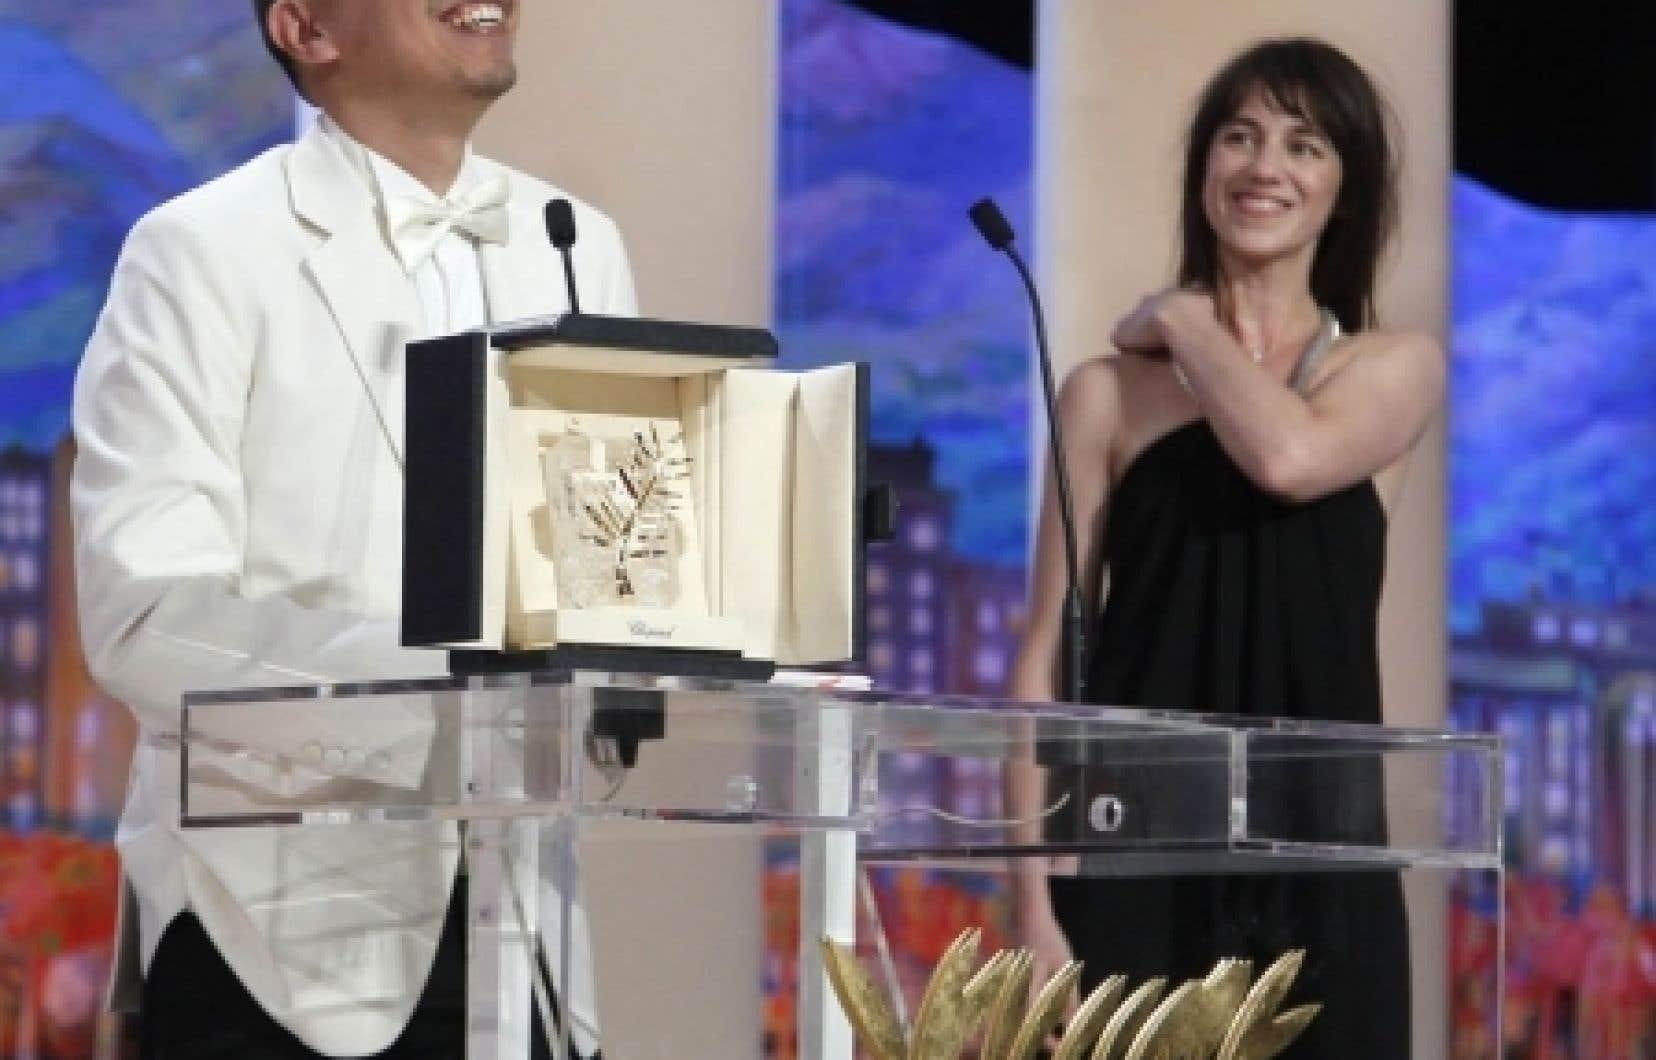 Le gagnant de la Palme d'or, le Thaïlandais Apichatpong Weerasethakul, en compagnie de Charlotte Gainsbourg, lors de la cérémonie de remise des prix du Festival de Cannes